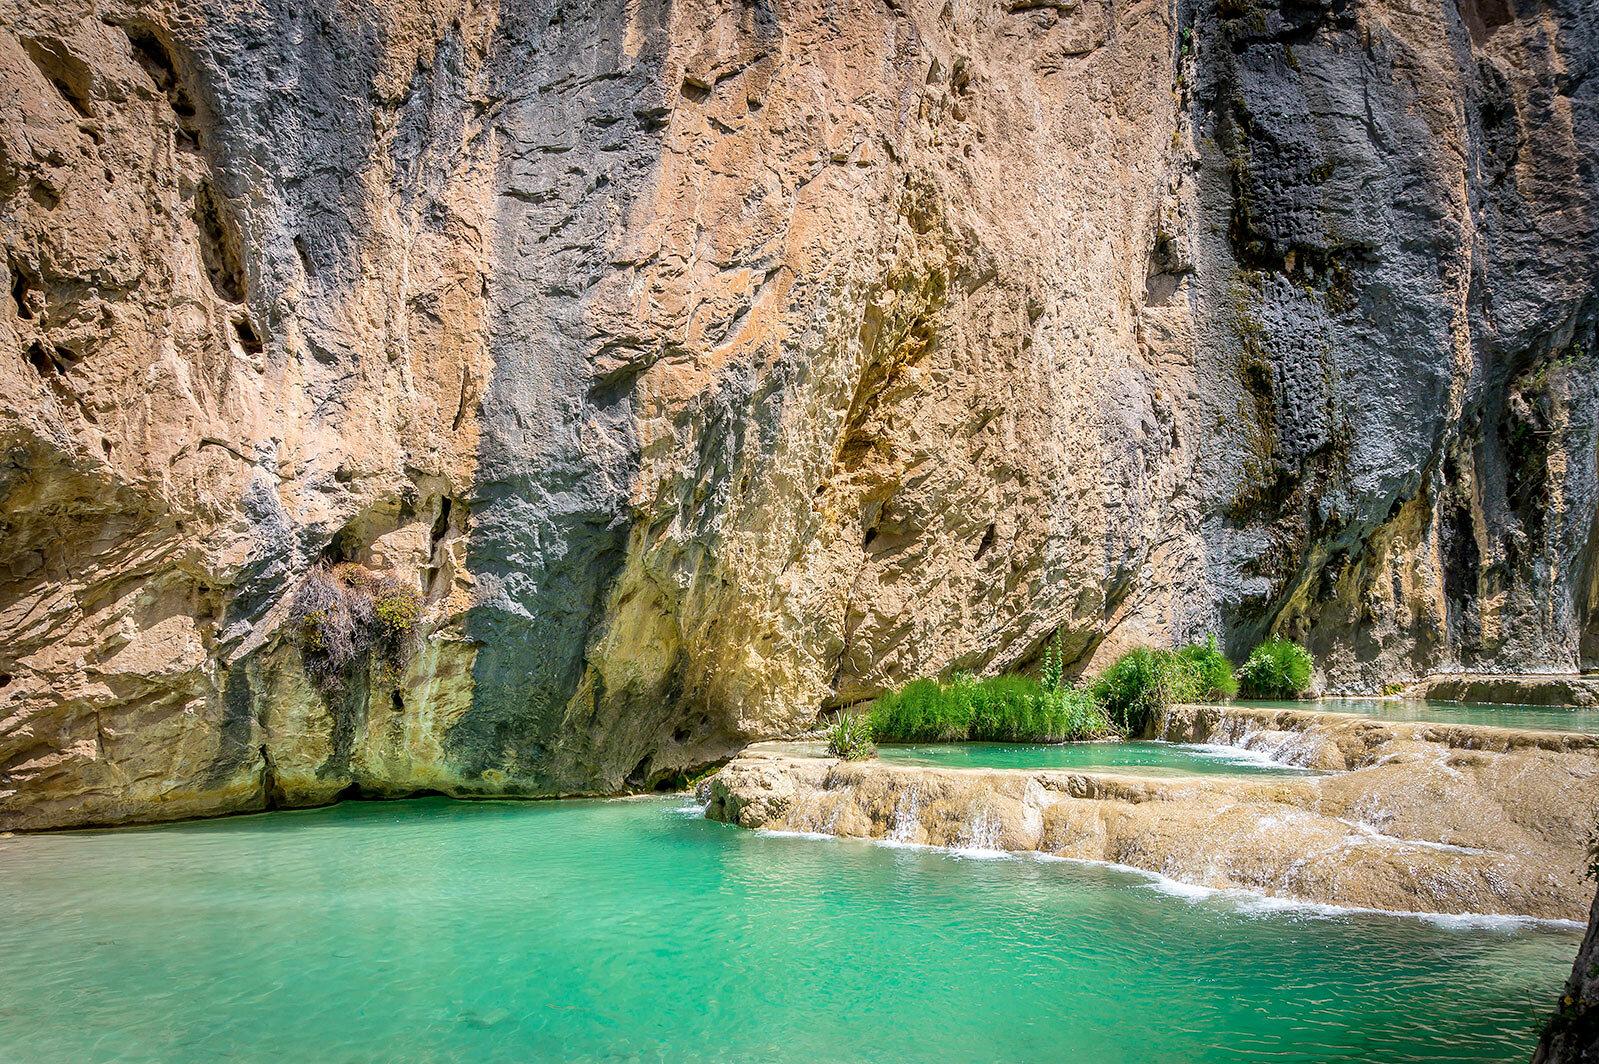 Piscinas color esmeralda y muro de rocas de fondo